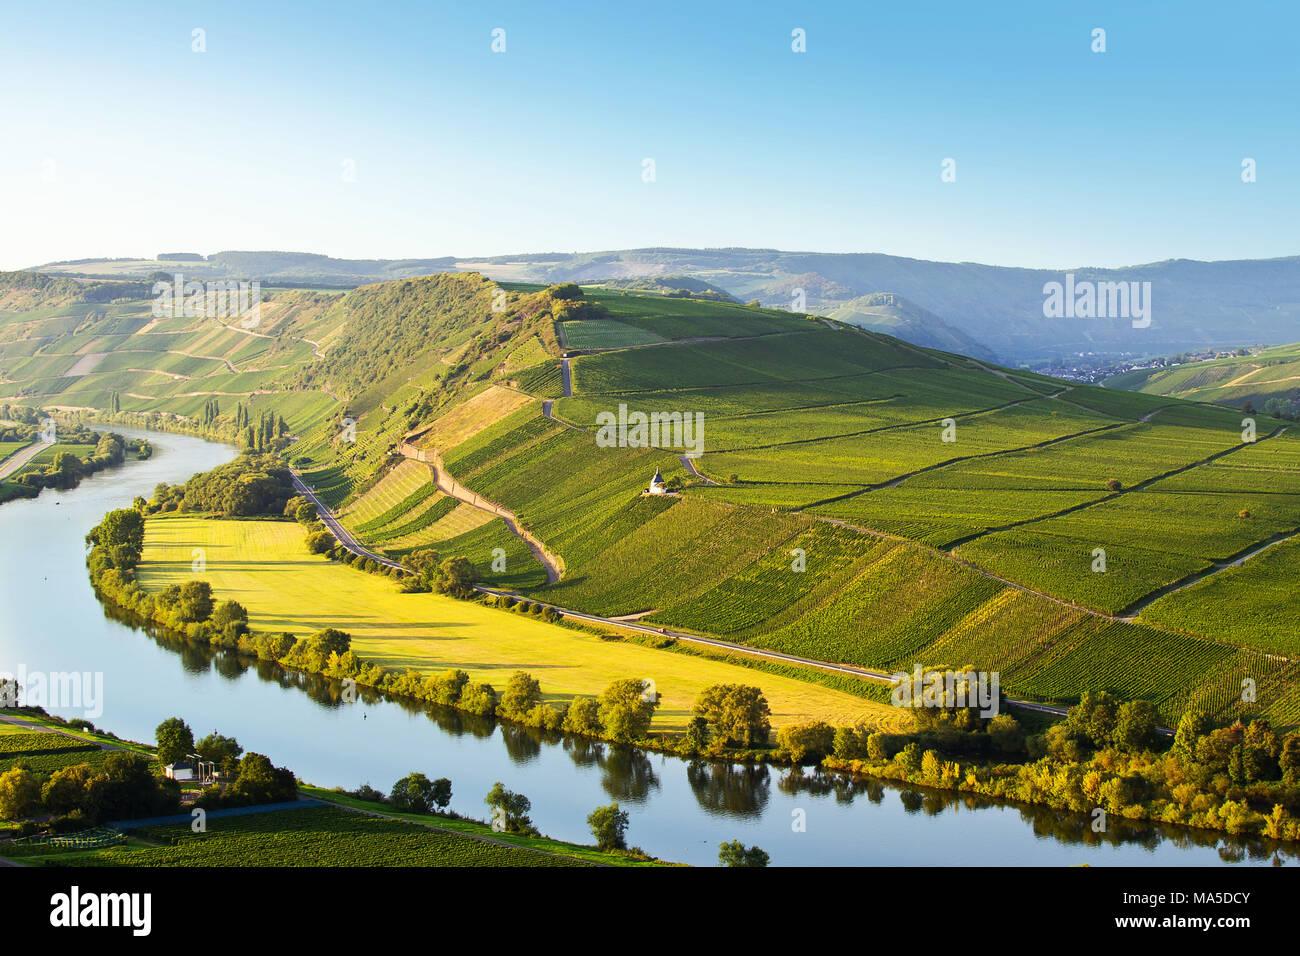 Vue de la Moselle et les vignes derrière, dans l'été, à proximité Bank 2 avec un ciel sans nuages. Photo Stock